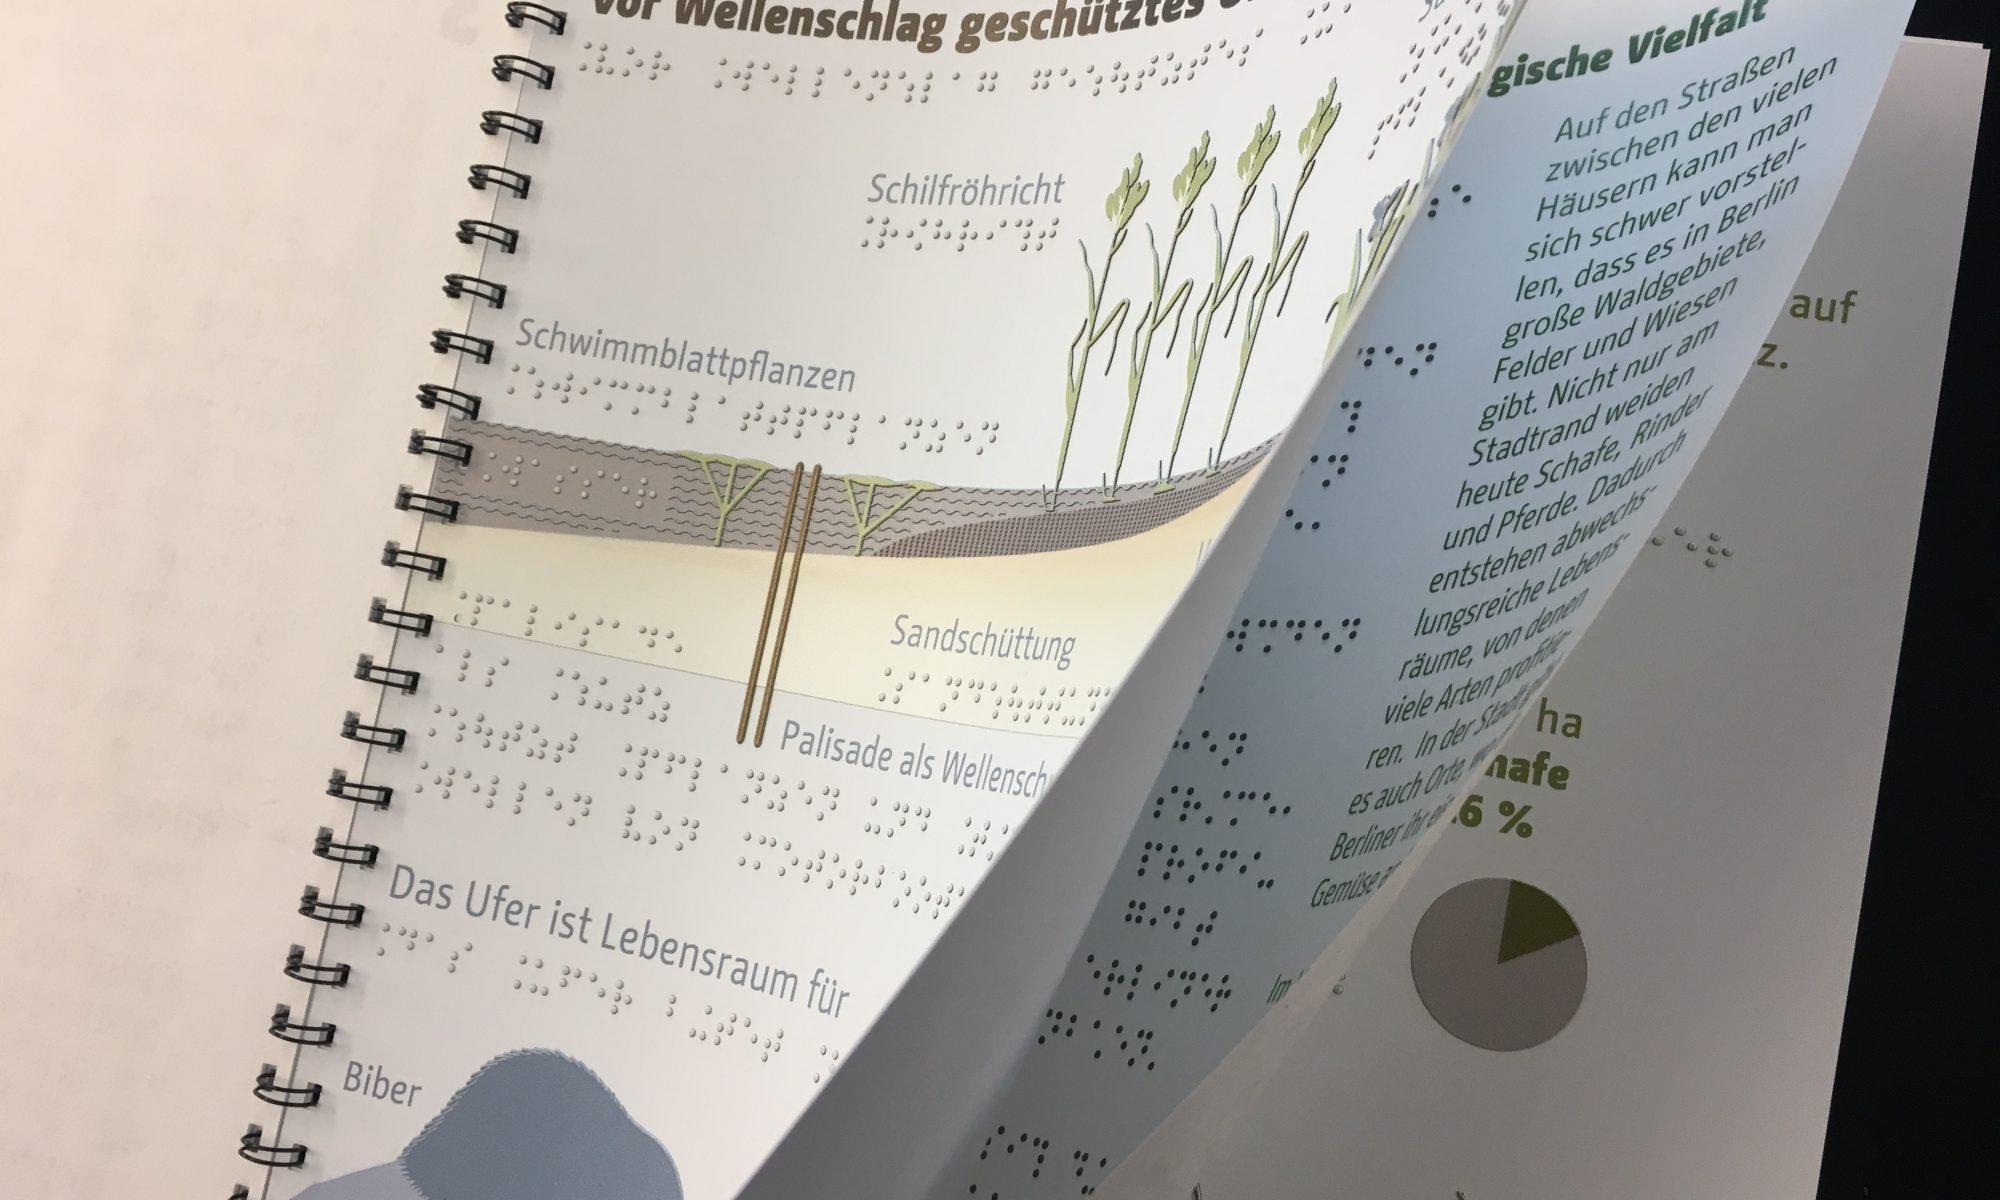 Ein Buch mit einfachen Texten, Punktschrift und großartigen Grafiken, taktil umgesetzt